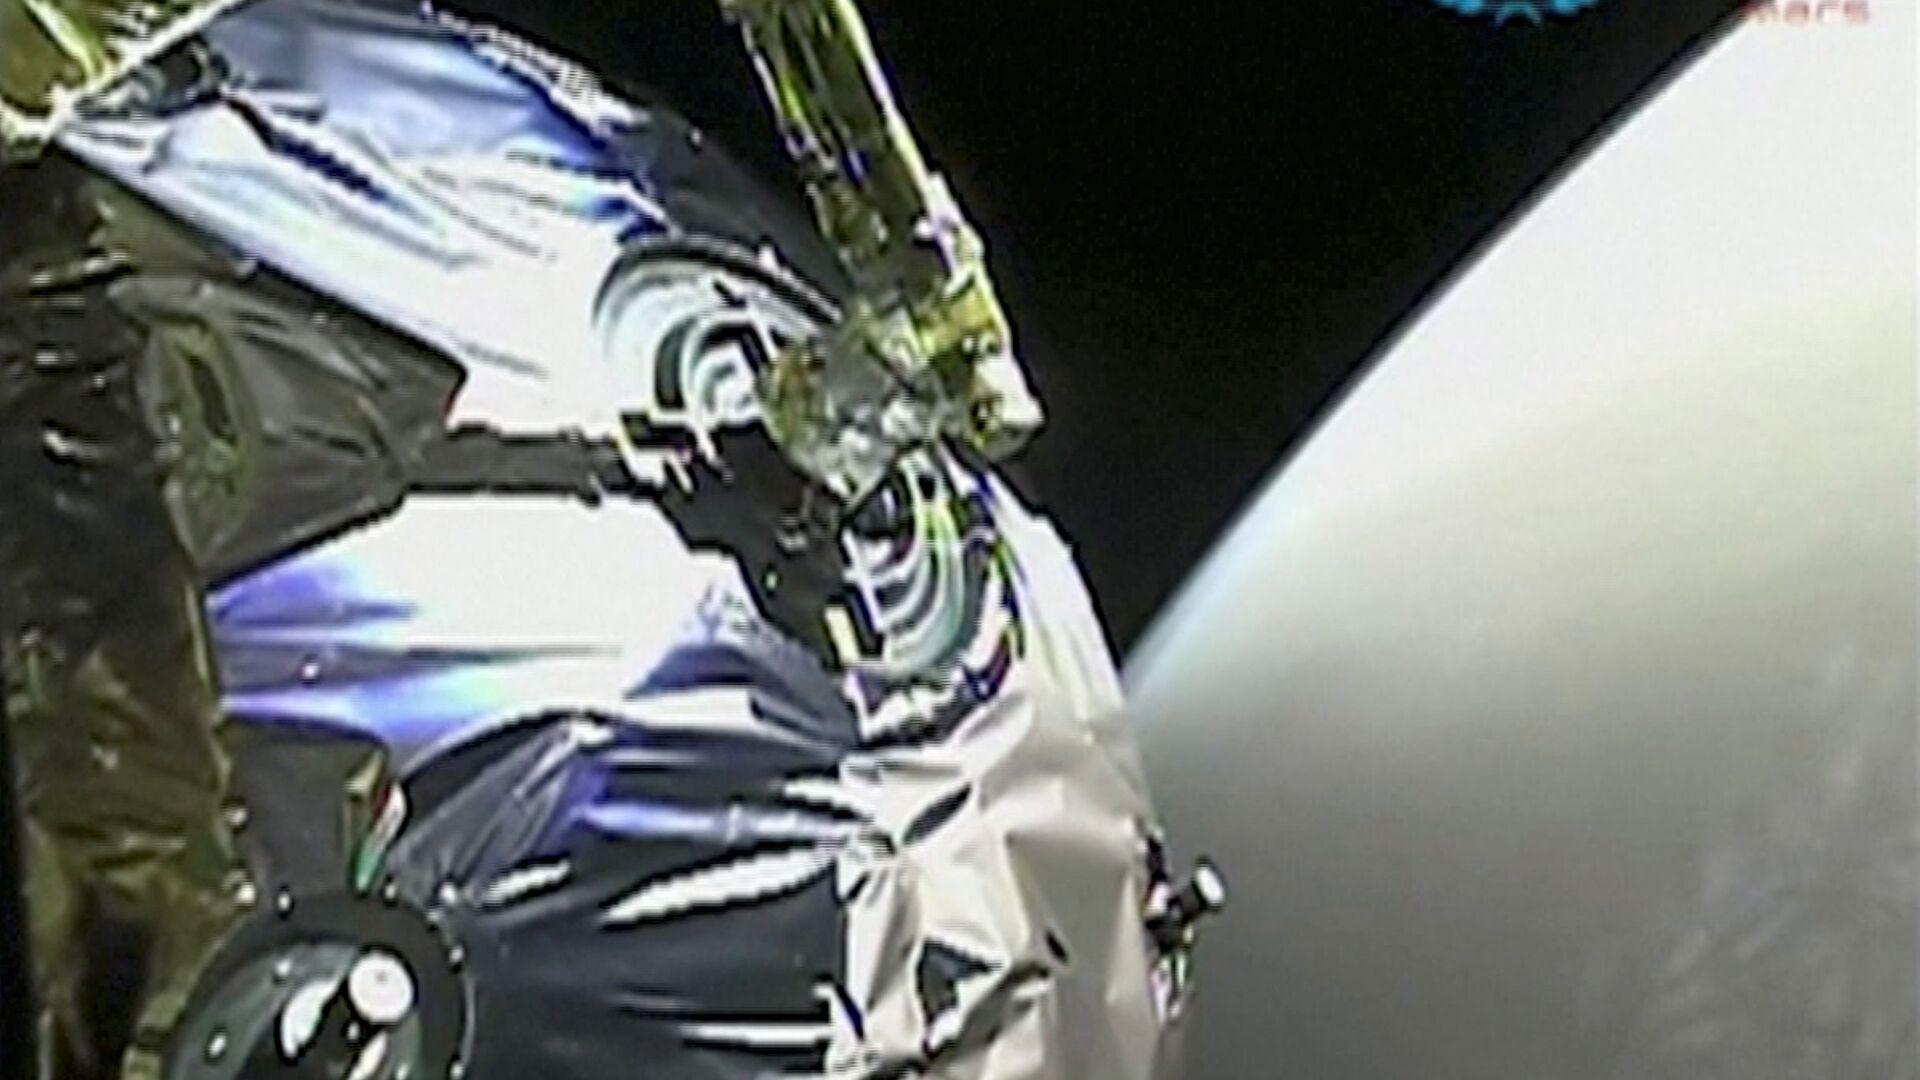 La vista dalla sonda Tianwen-1 mentre entra nell'orbita di Marte in questo screenshot ottenuto da un video il 12 febbraio 2021. - Sputnik Italia, 1920, 15.05.2021